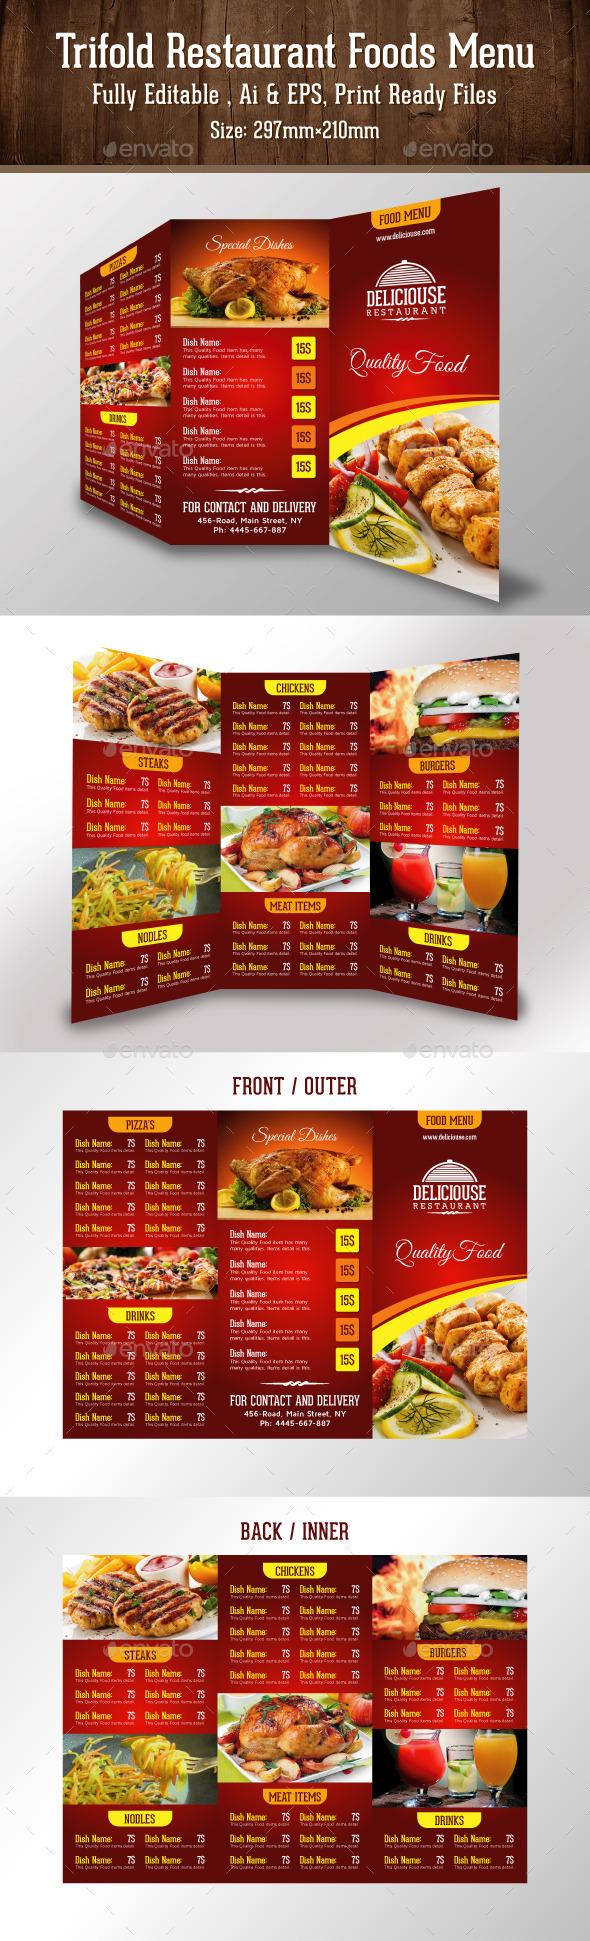 GraphicRiver Trifold Restaurant Foods Menu 9811082